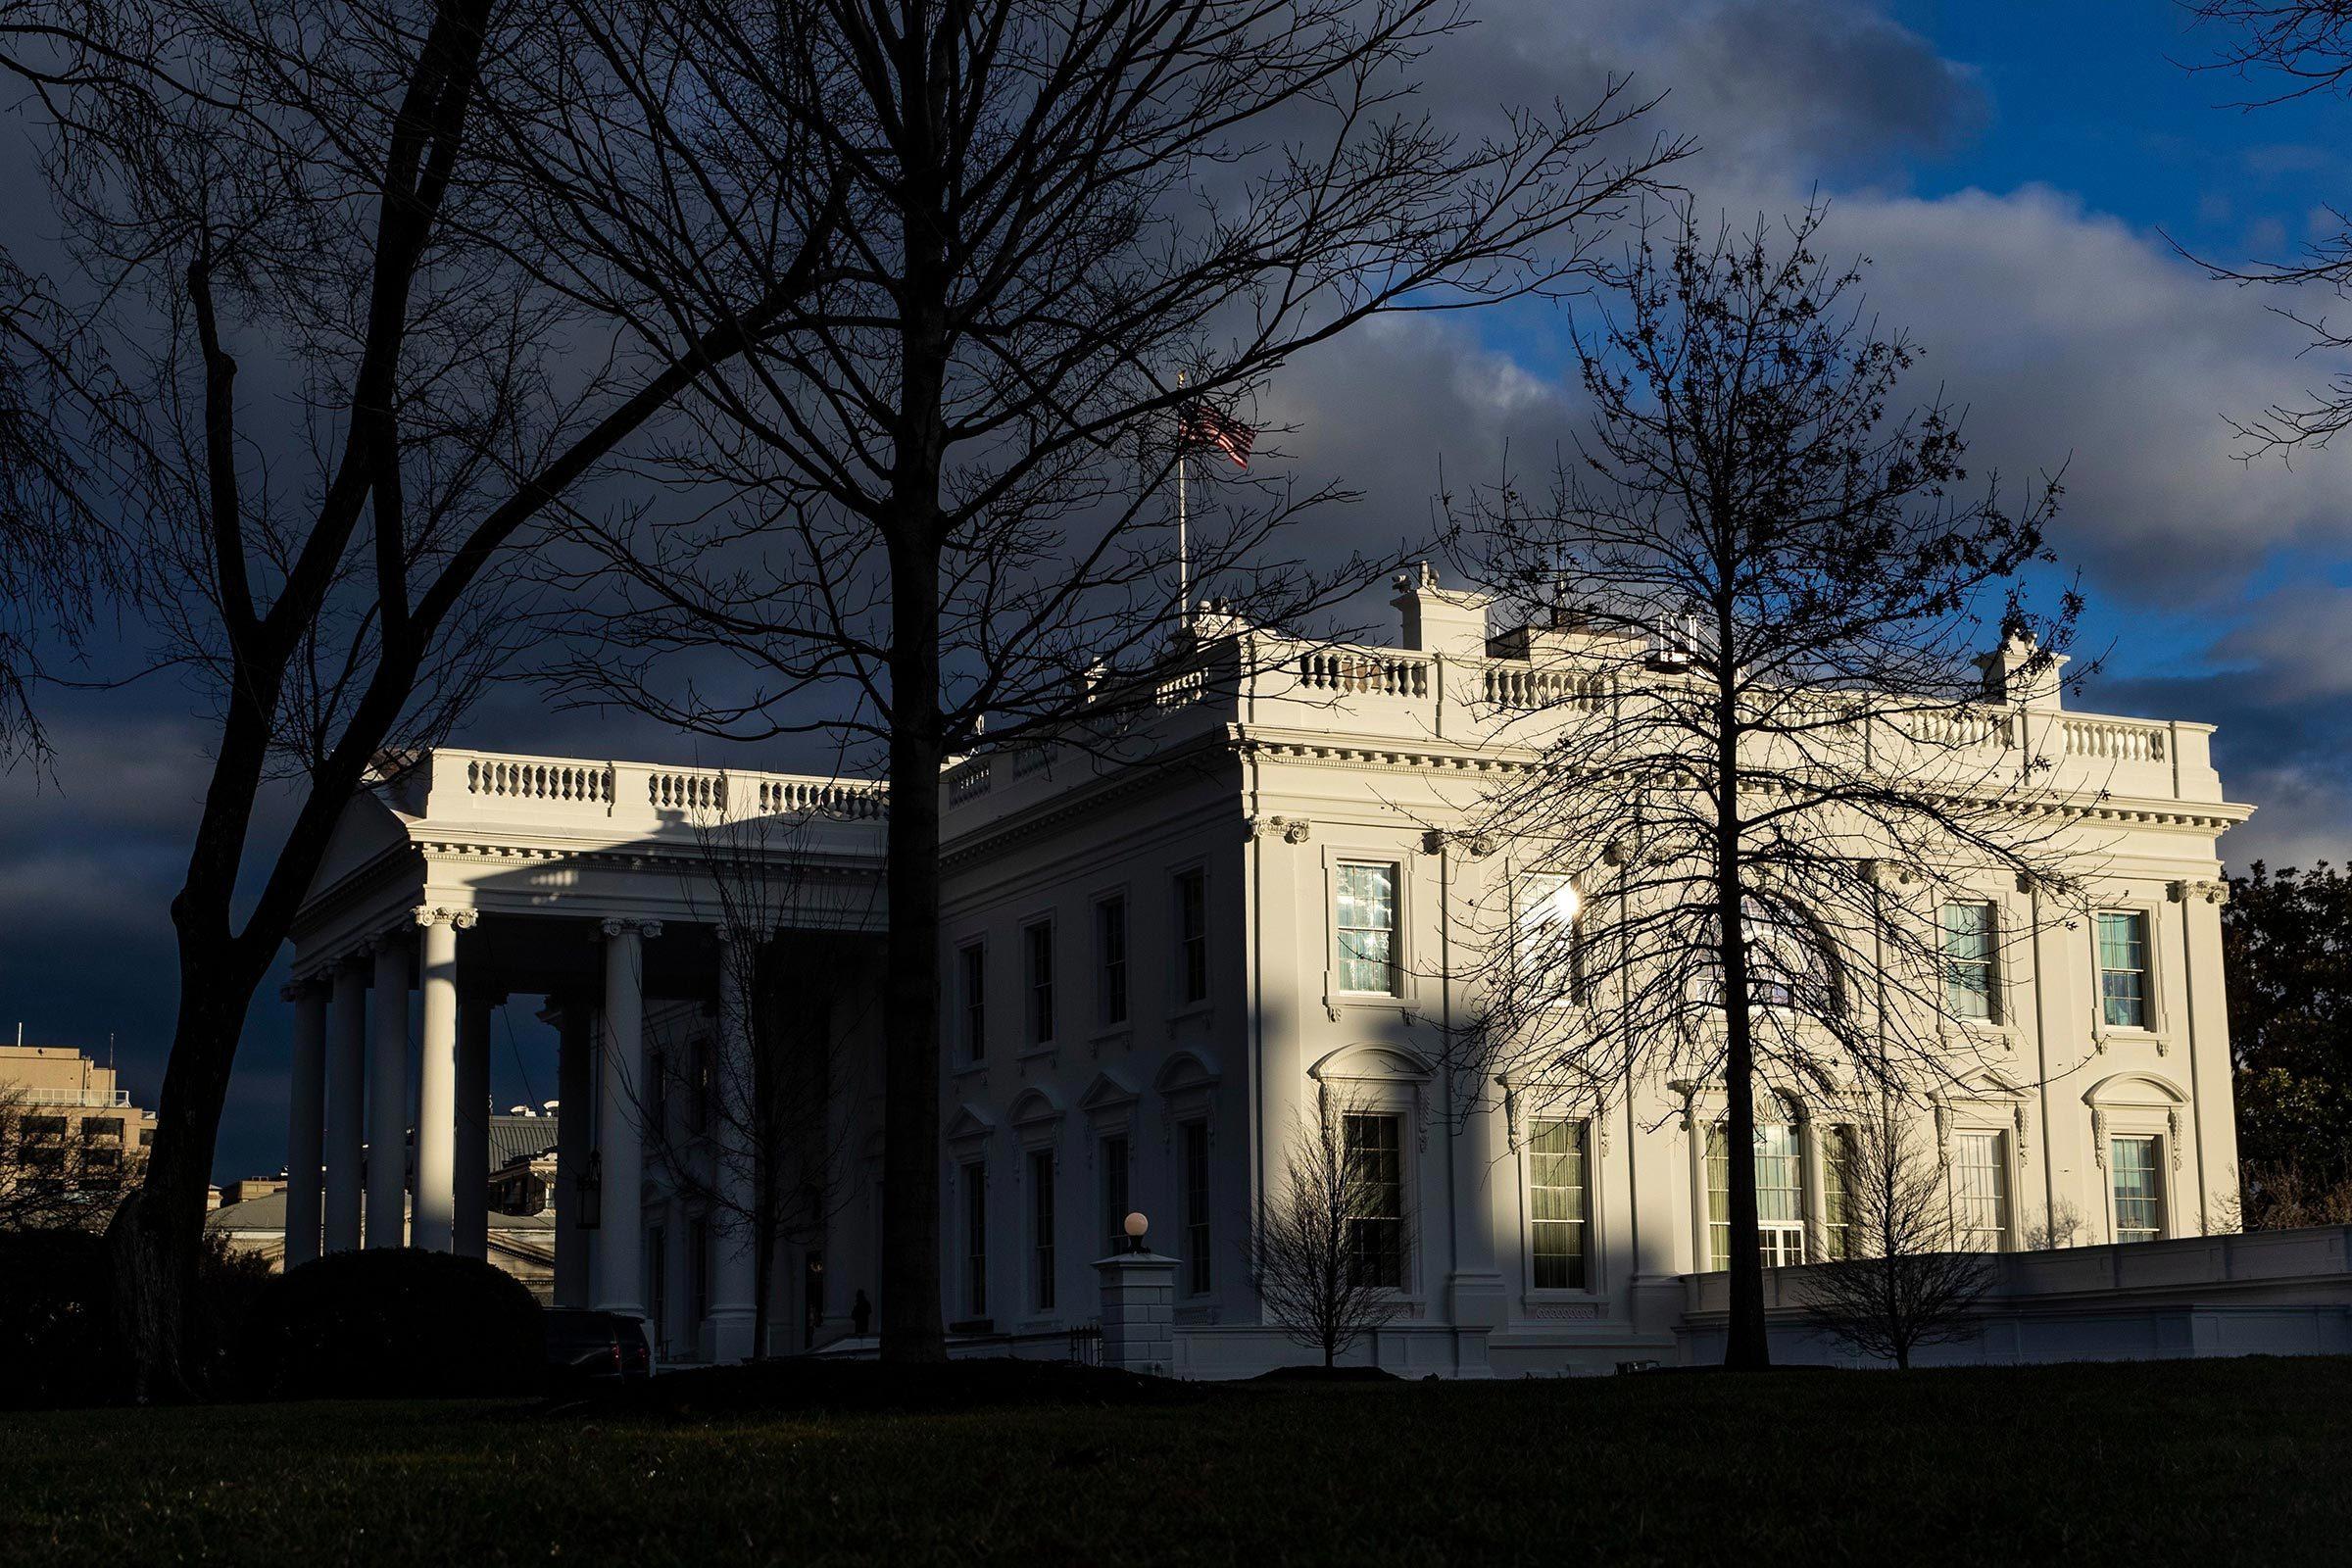 Monument célèbre qui dissimule une pièce secrète : la Maison-Blanche.